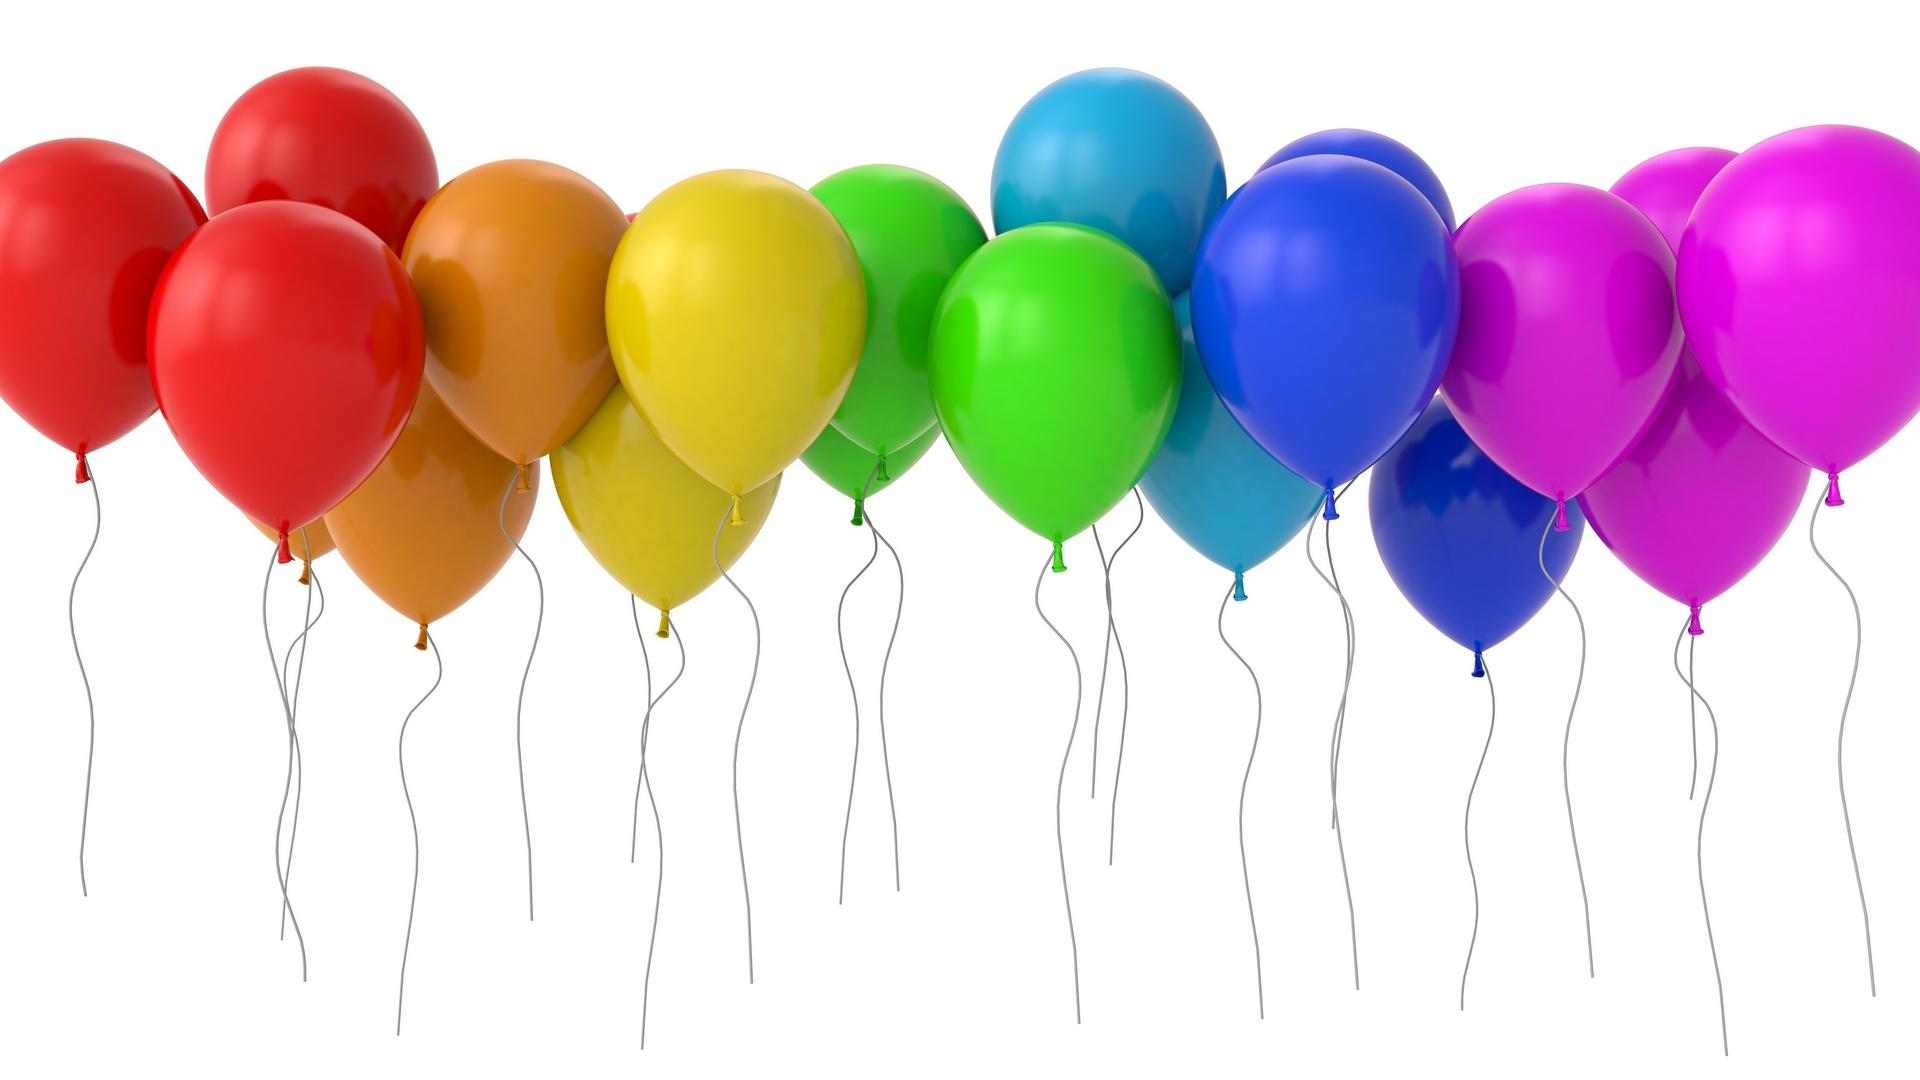 1920x1080 30 Helium Balloons